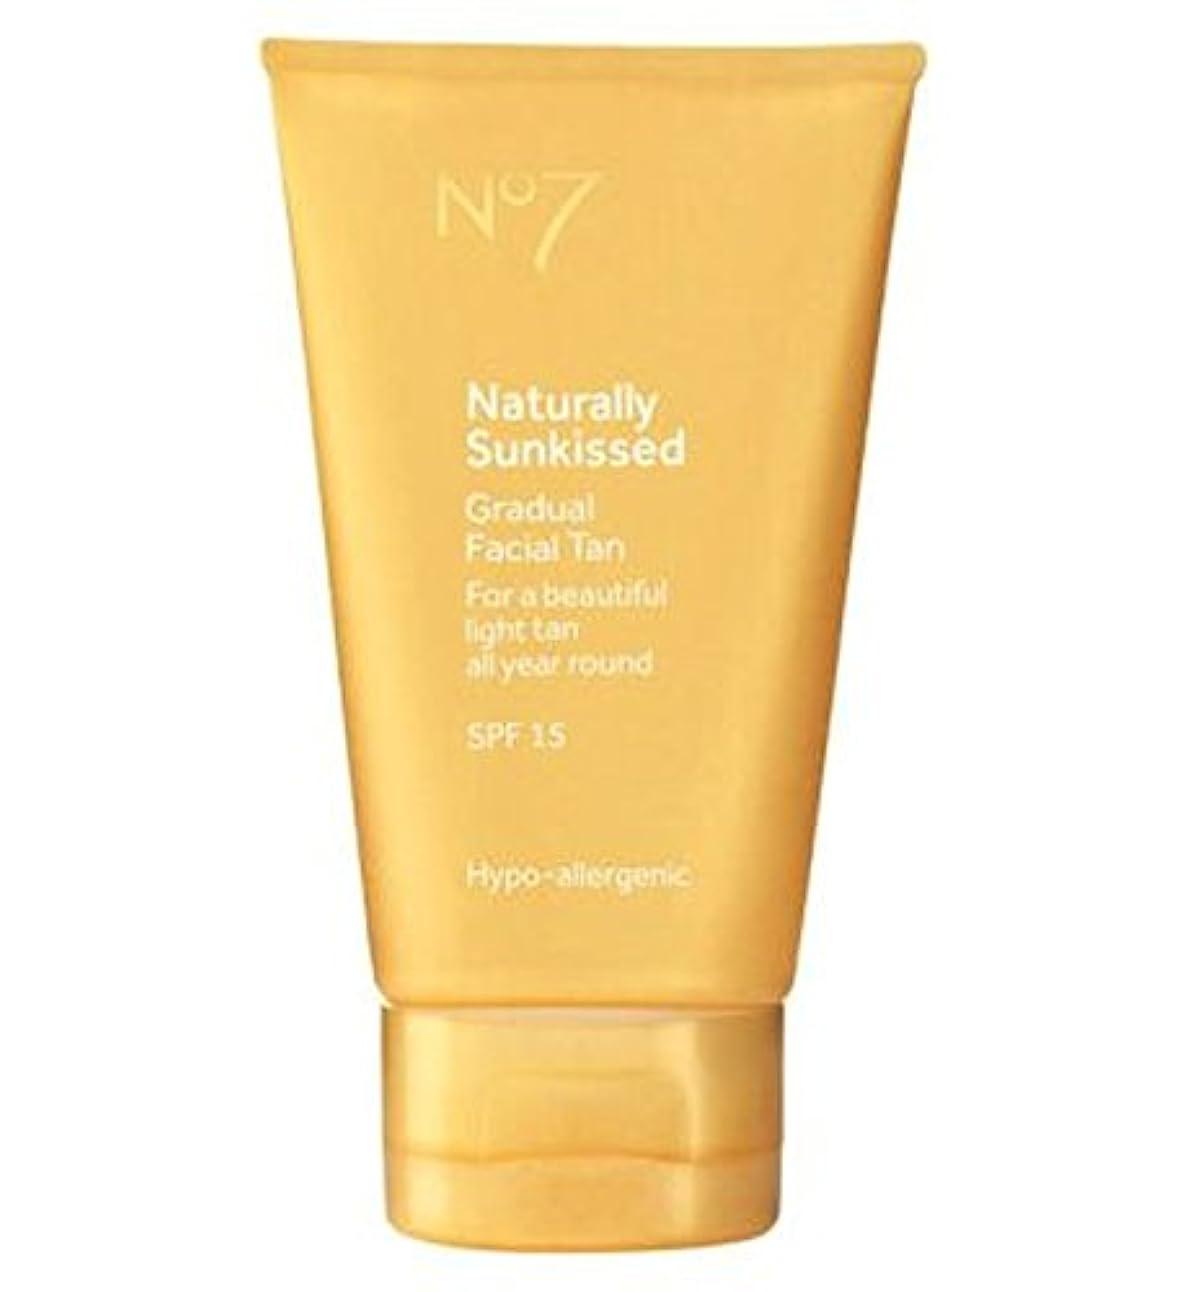 学ぶイデオロギー敬の念No7 Naturally Sun Kissed Gradual Face Tan SP15 - No7は自然に太陽が緩やかな顔日焼けSp15にキスをしました (No7) [並行輸入品]